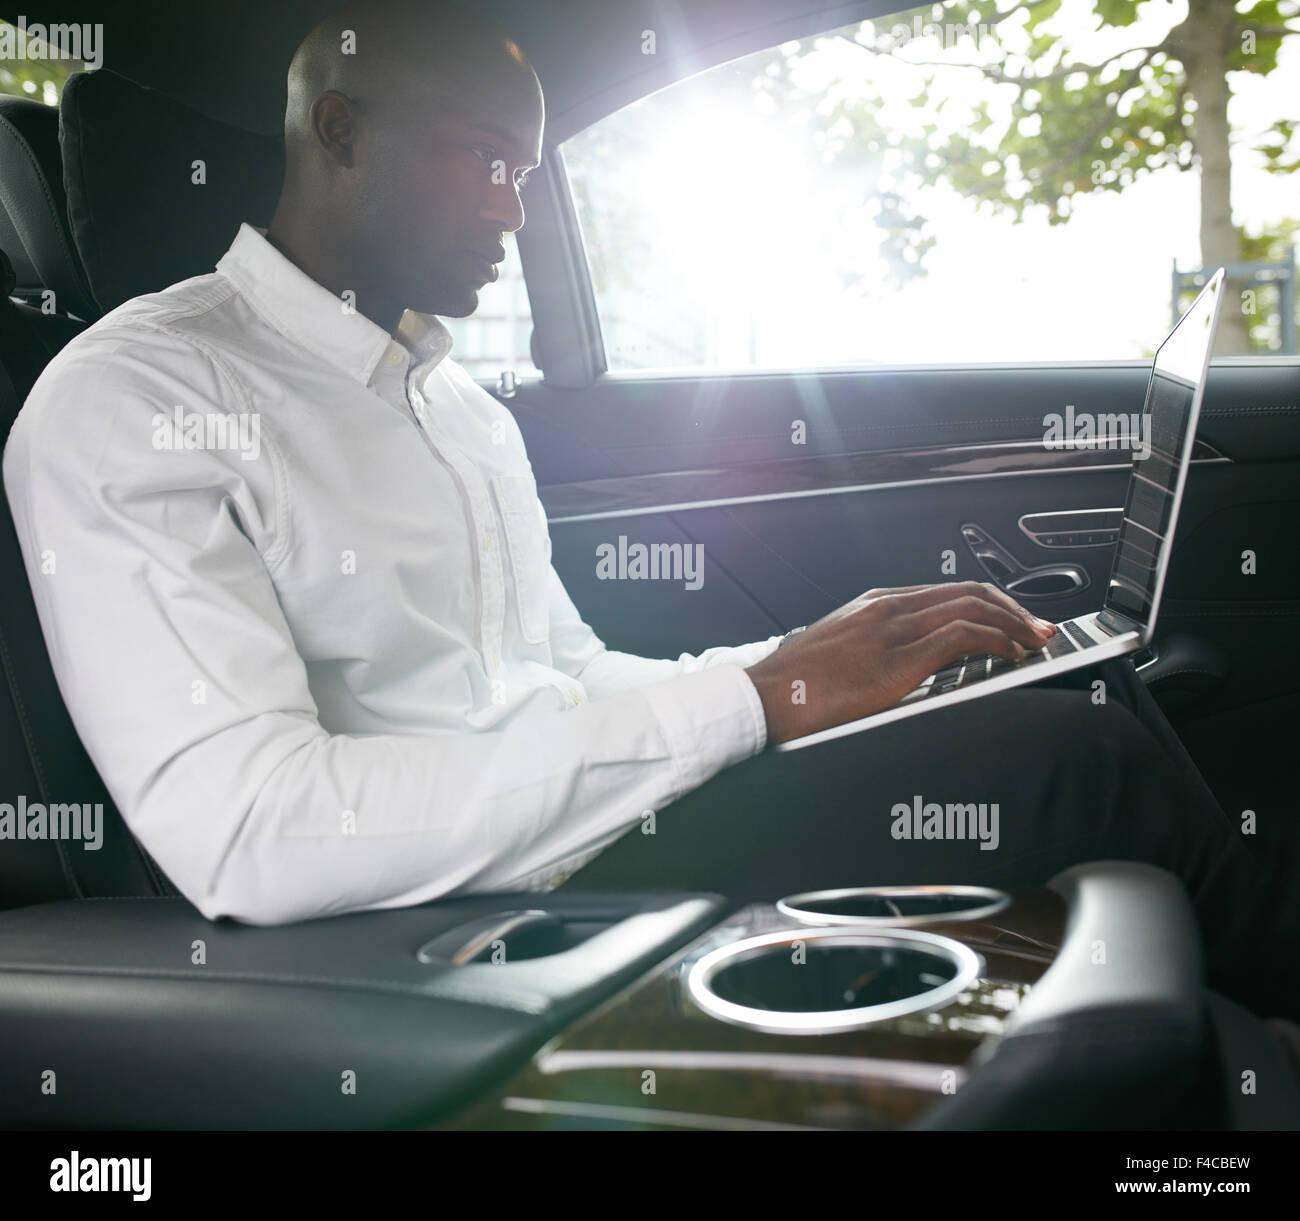 Shot of young woman working on laptop à l'intérieur d'une voiture. D'un associé pour Photo Stock